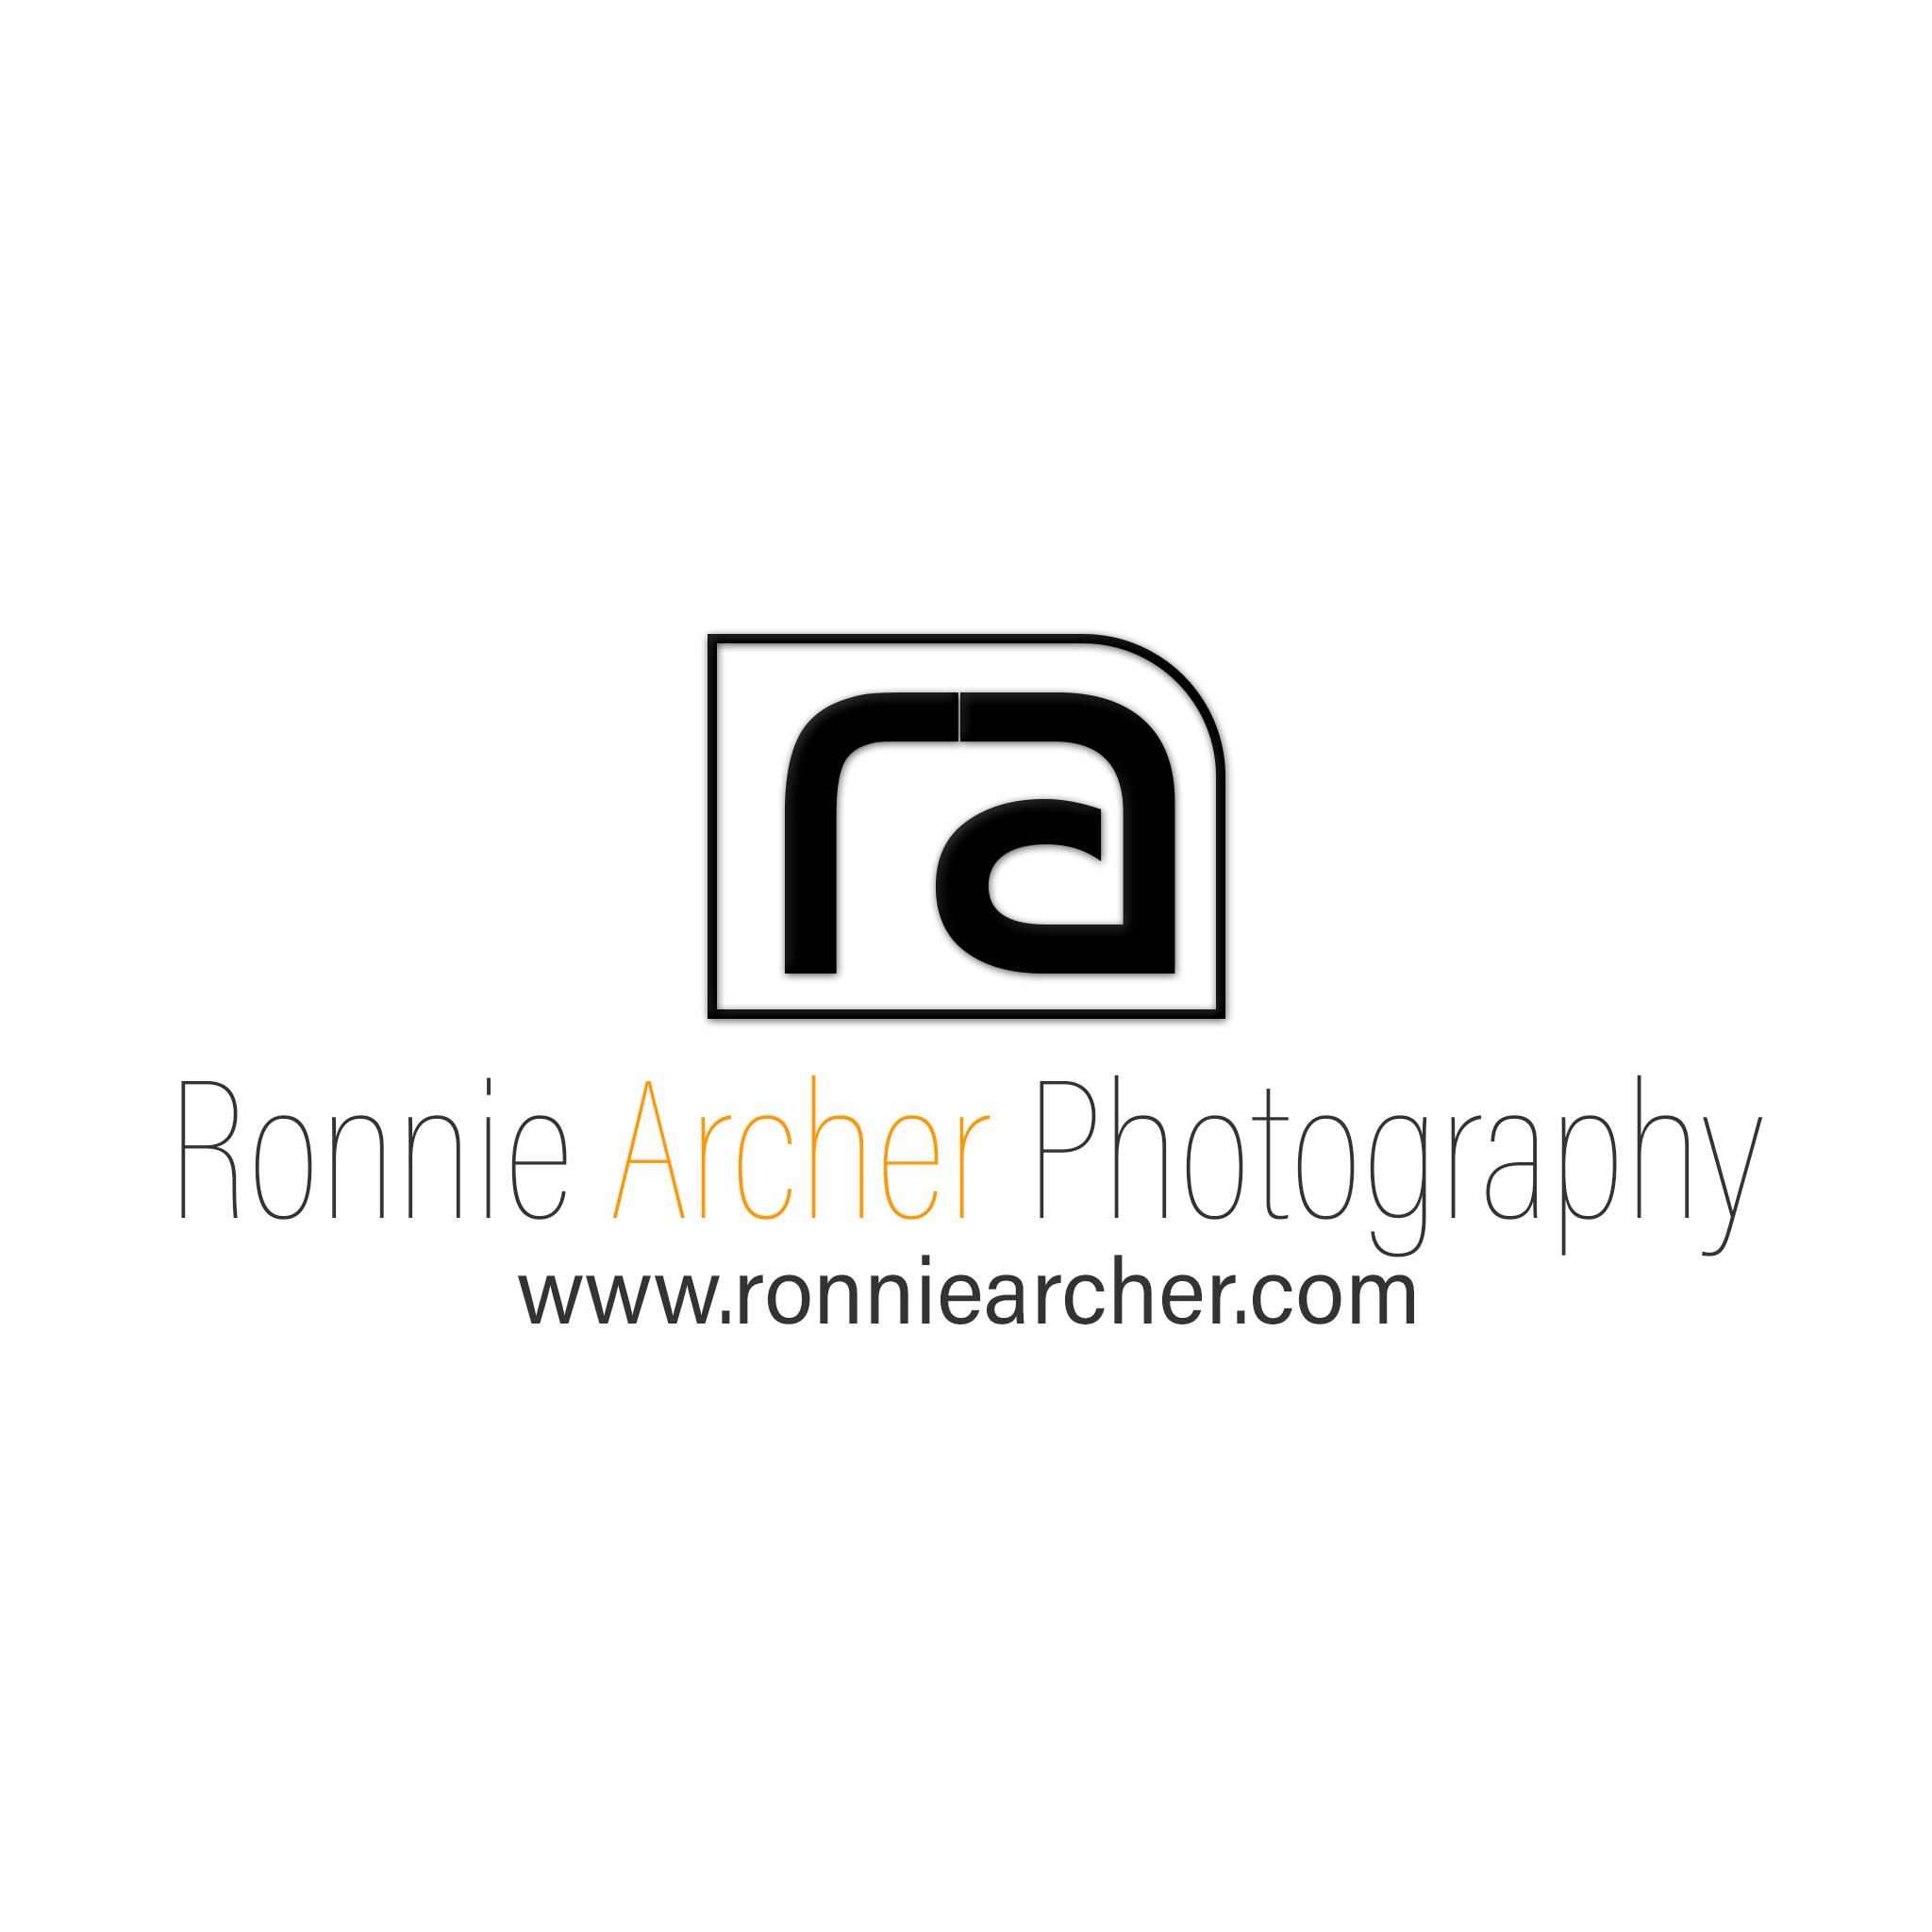 Ronnie Archer Photography floor plan in Nassau